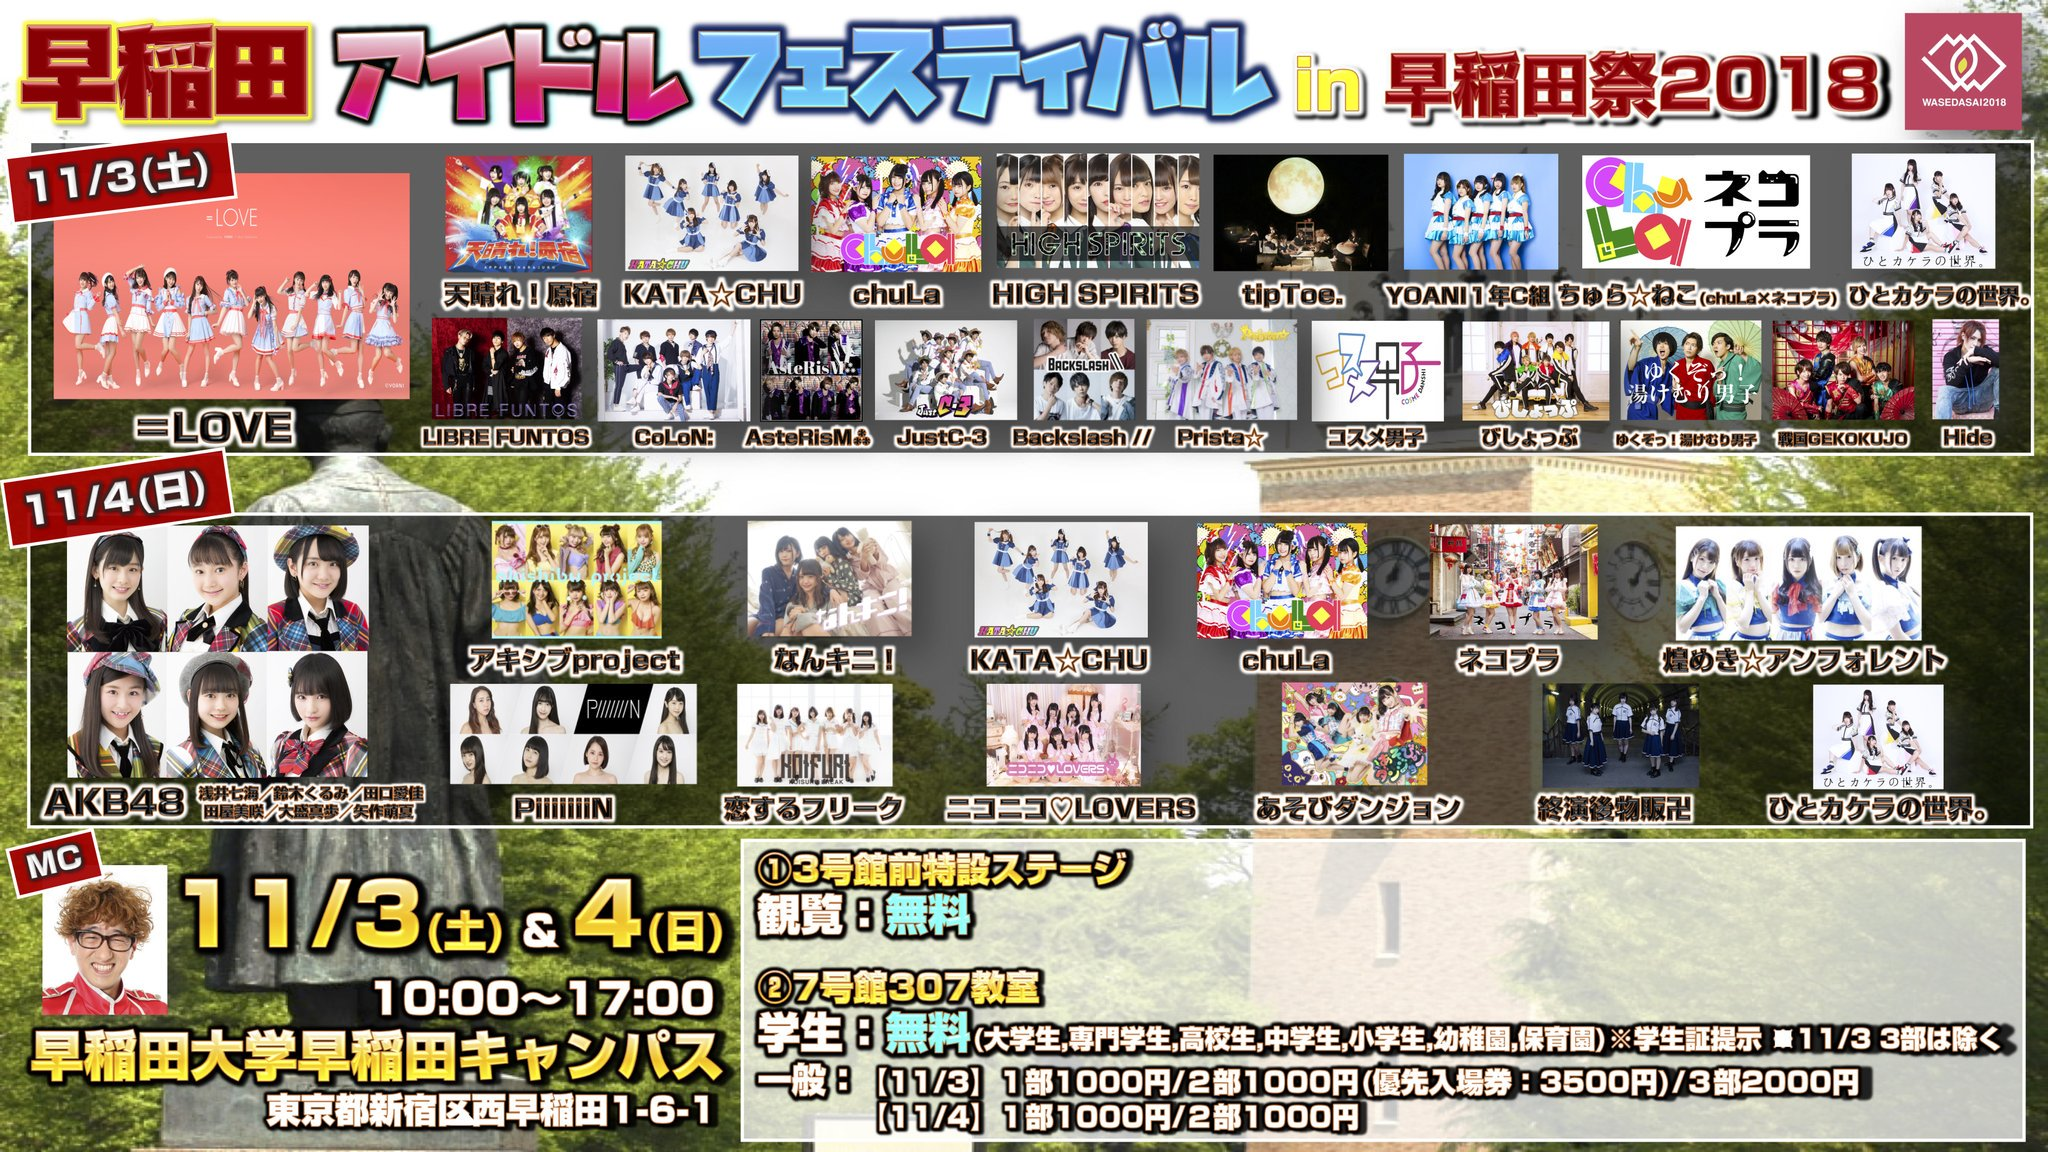 早稲田アイドルフェスティバル!!! in早稲田祭2018